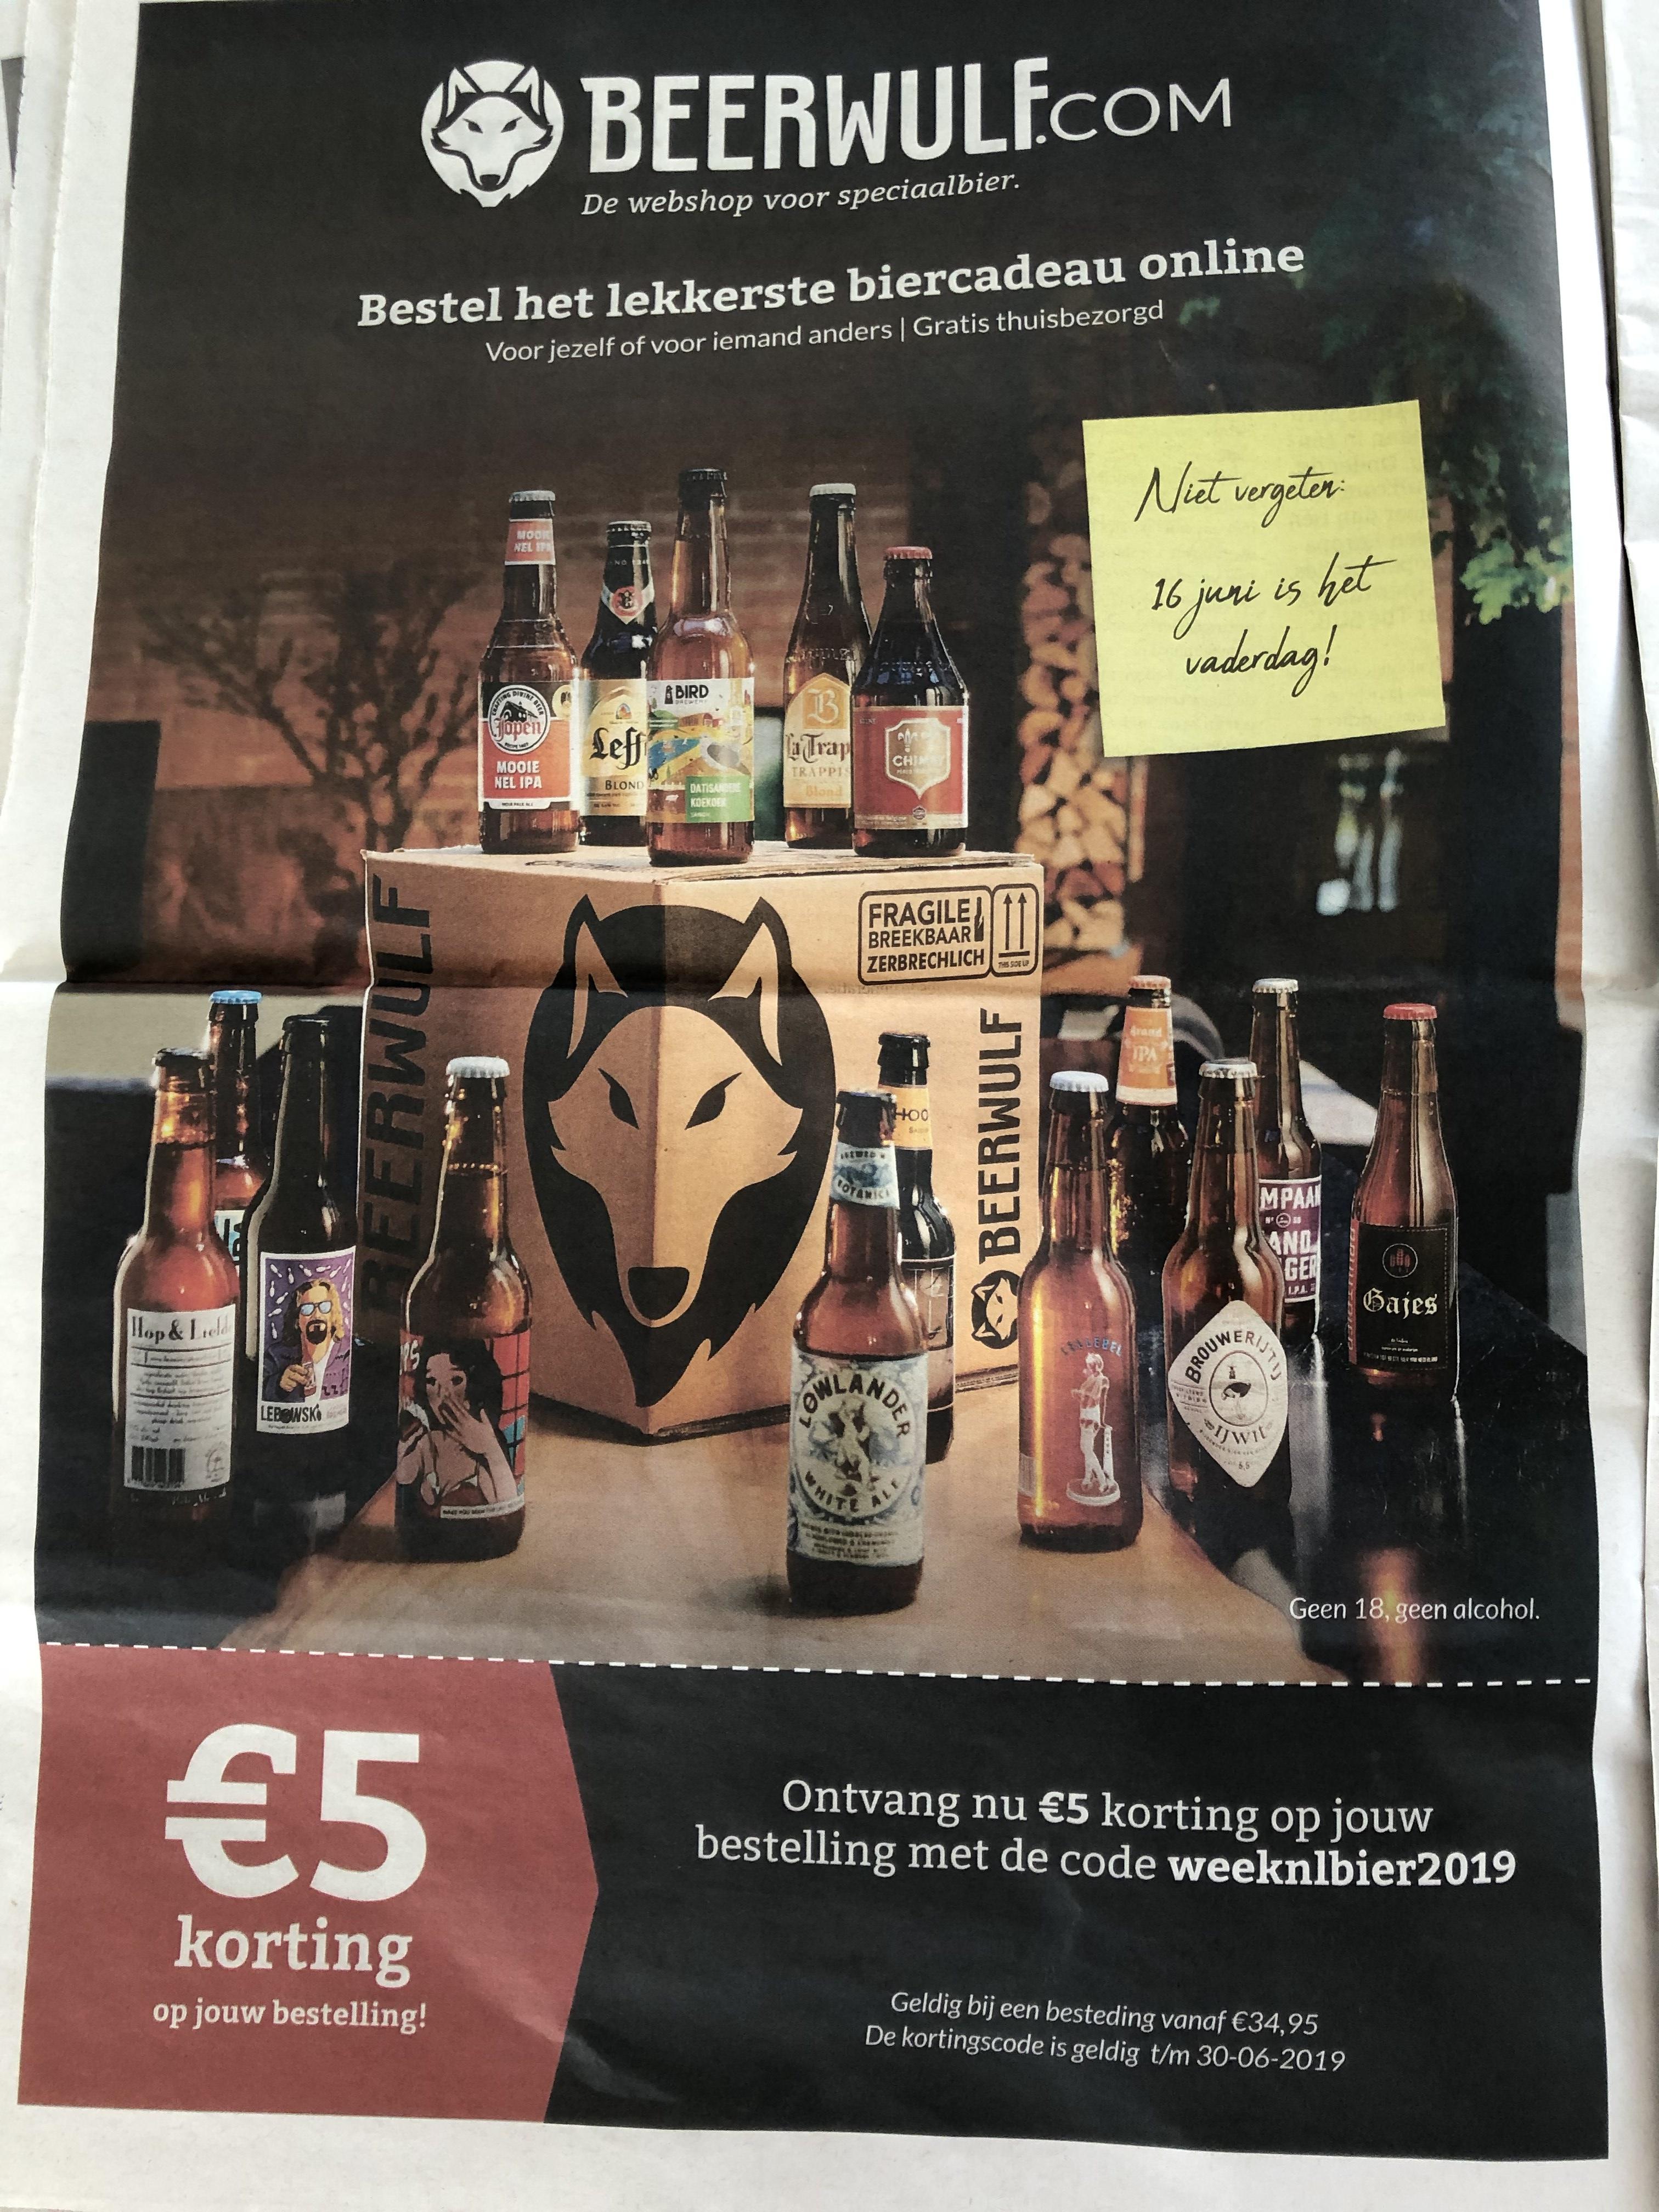 Biertjes/speciaal biertjes met Korting